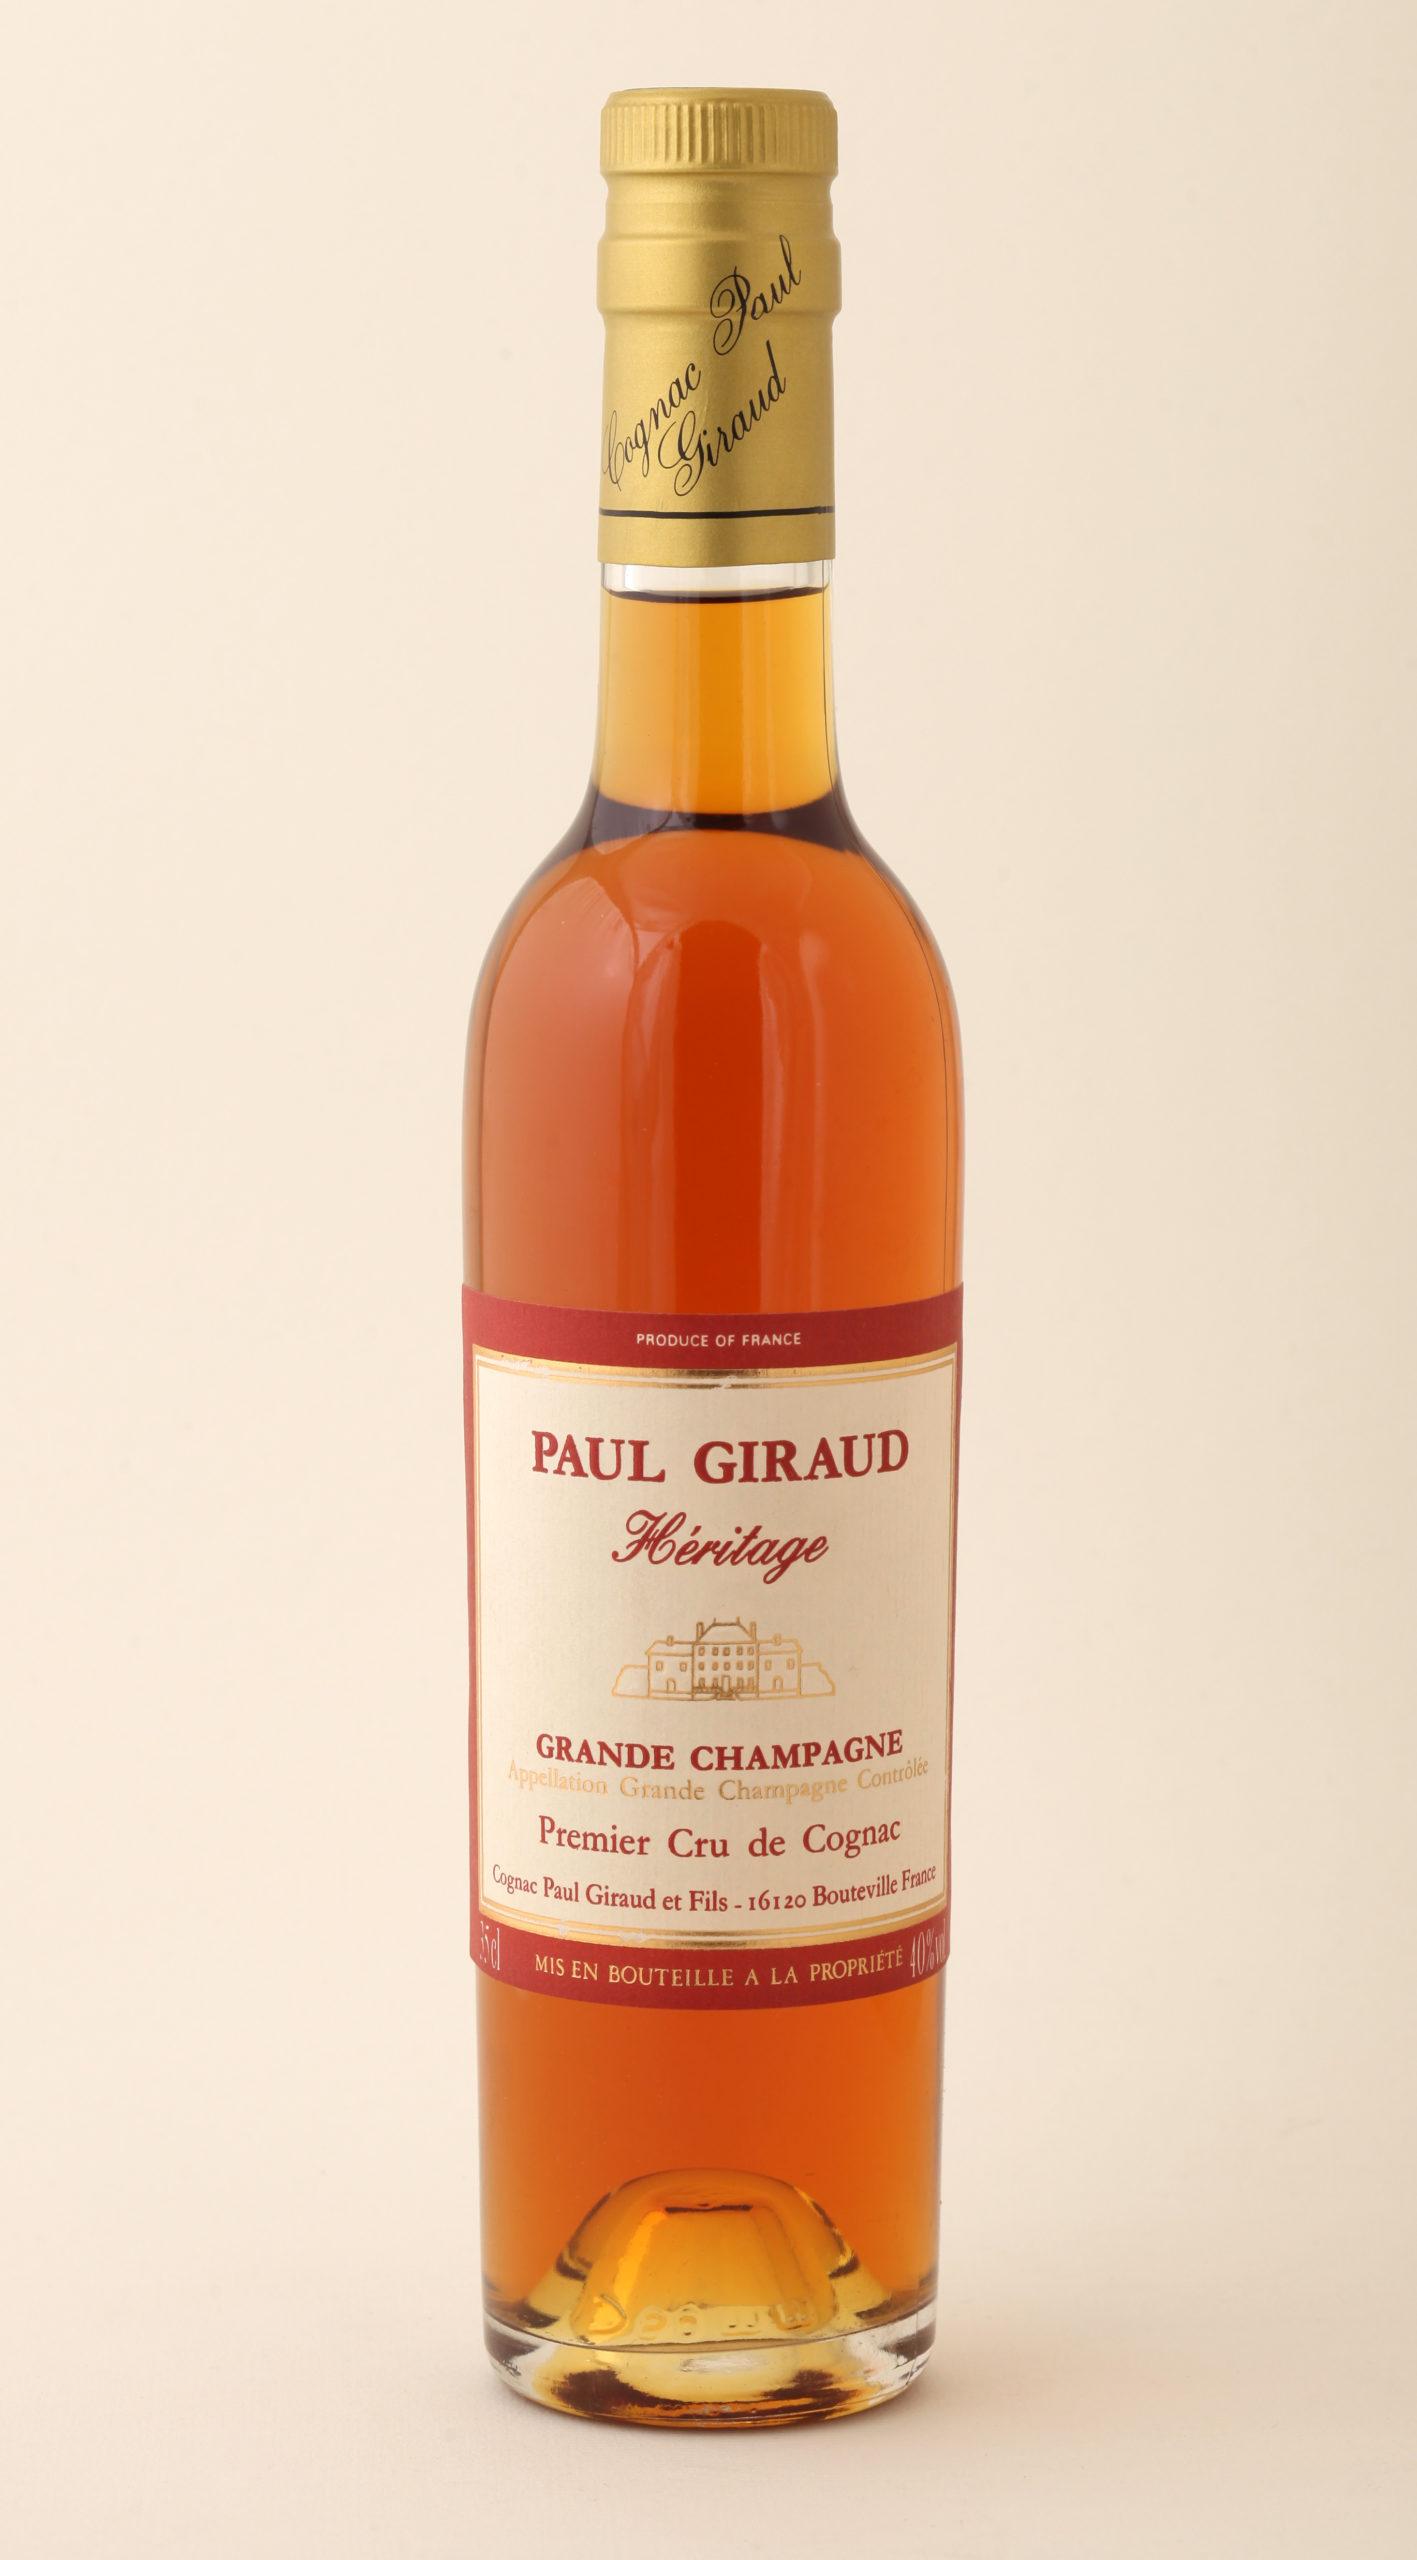 ポール・ジロー(Paul Giraud)